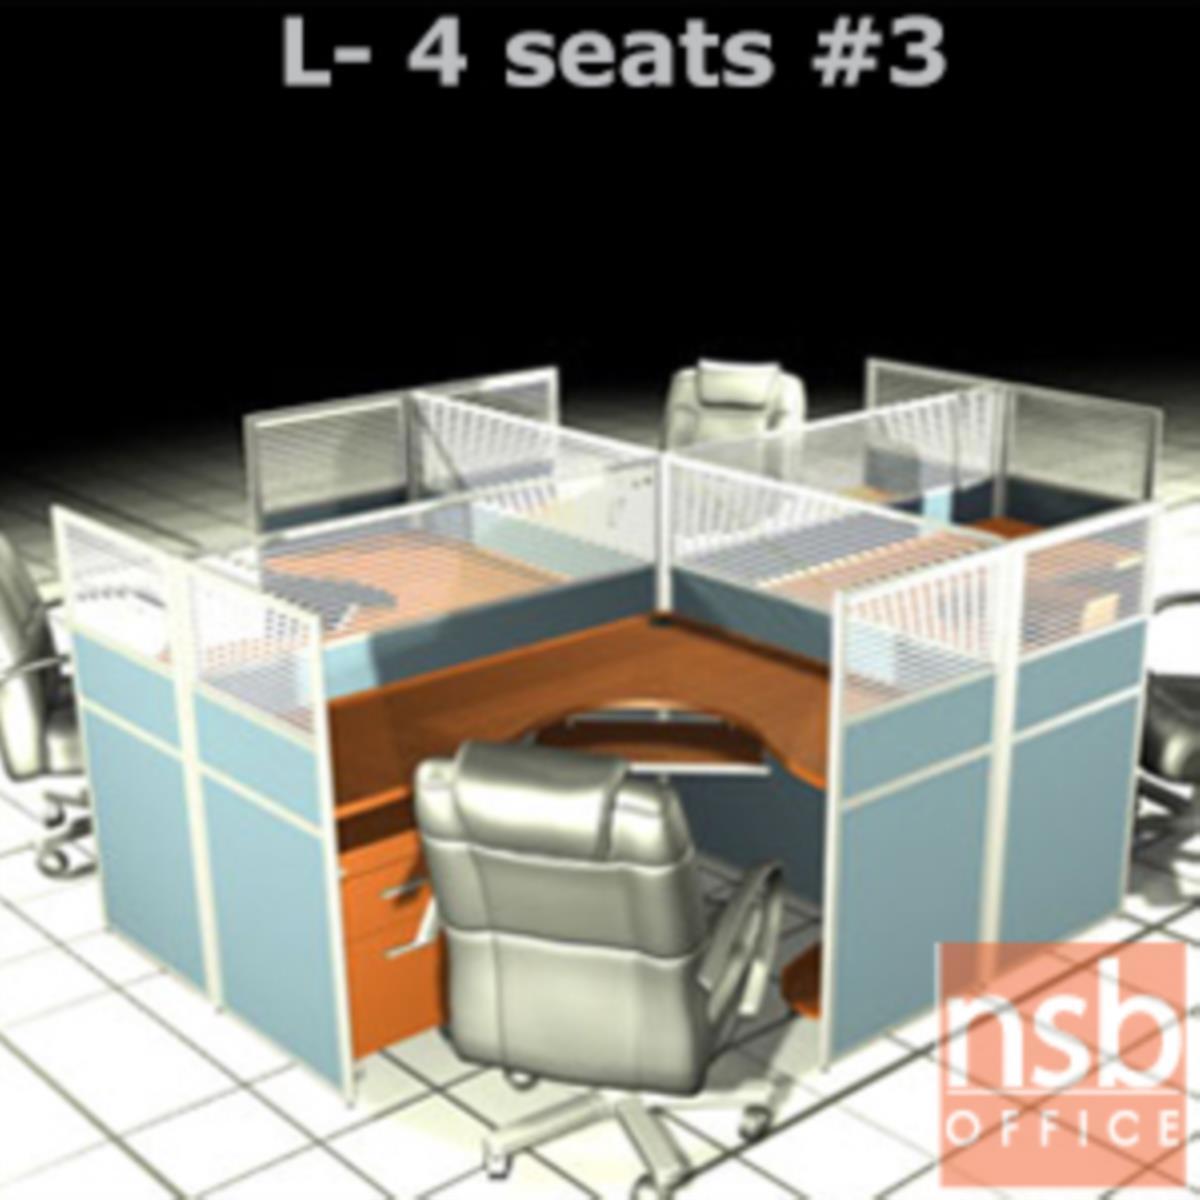 A04A111:ชุดโต๊ะทำงานกลุ่มตัวแอล 4 ที่นั่ง   ขนาดรวม 306W*246D cm. พร้อมพาร์ทิชั่นครึ่งกระจกขัดลาย